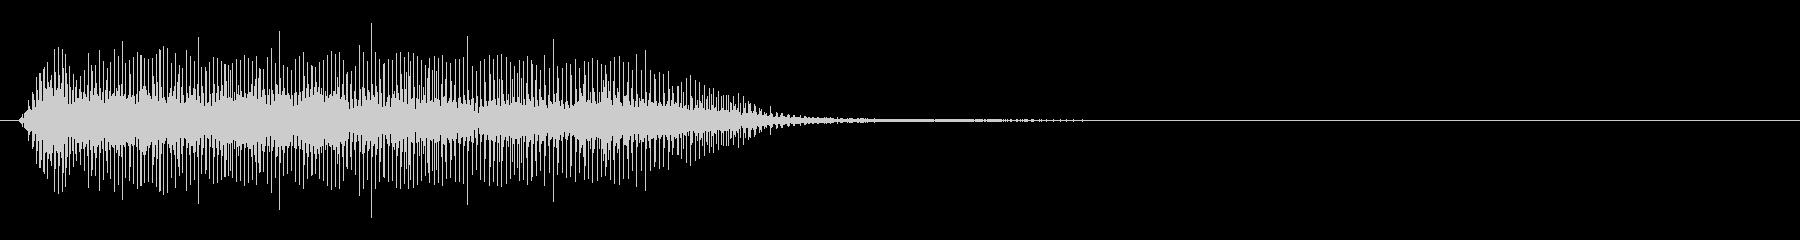 クリーチャー 発声 17の未再生の波形